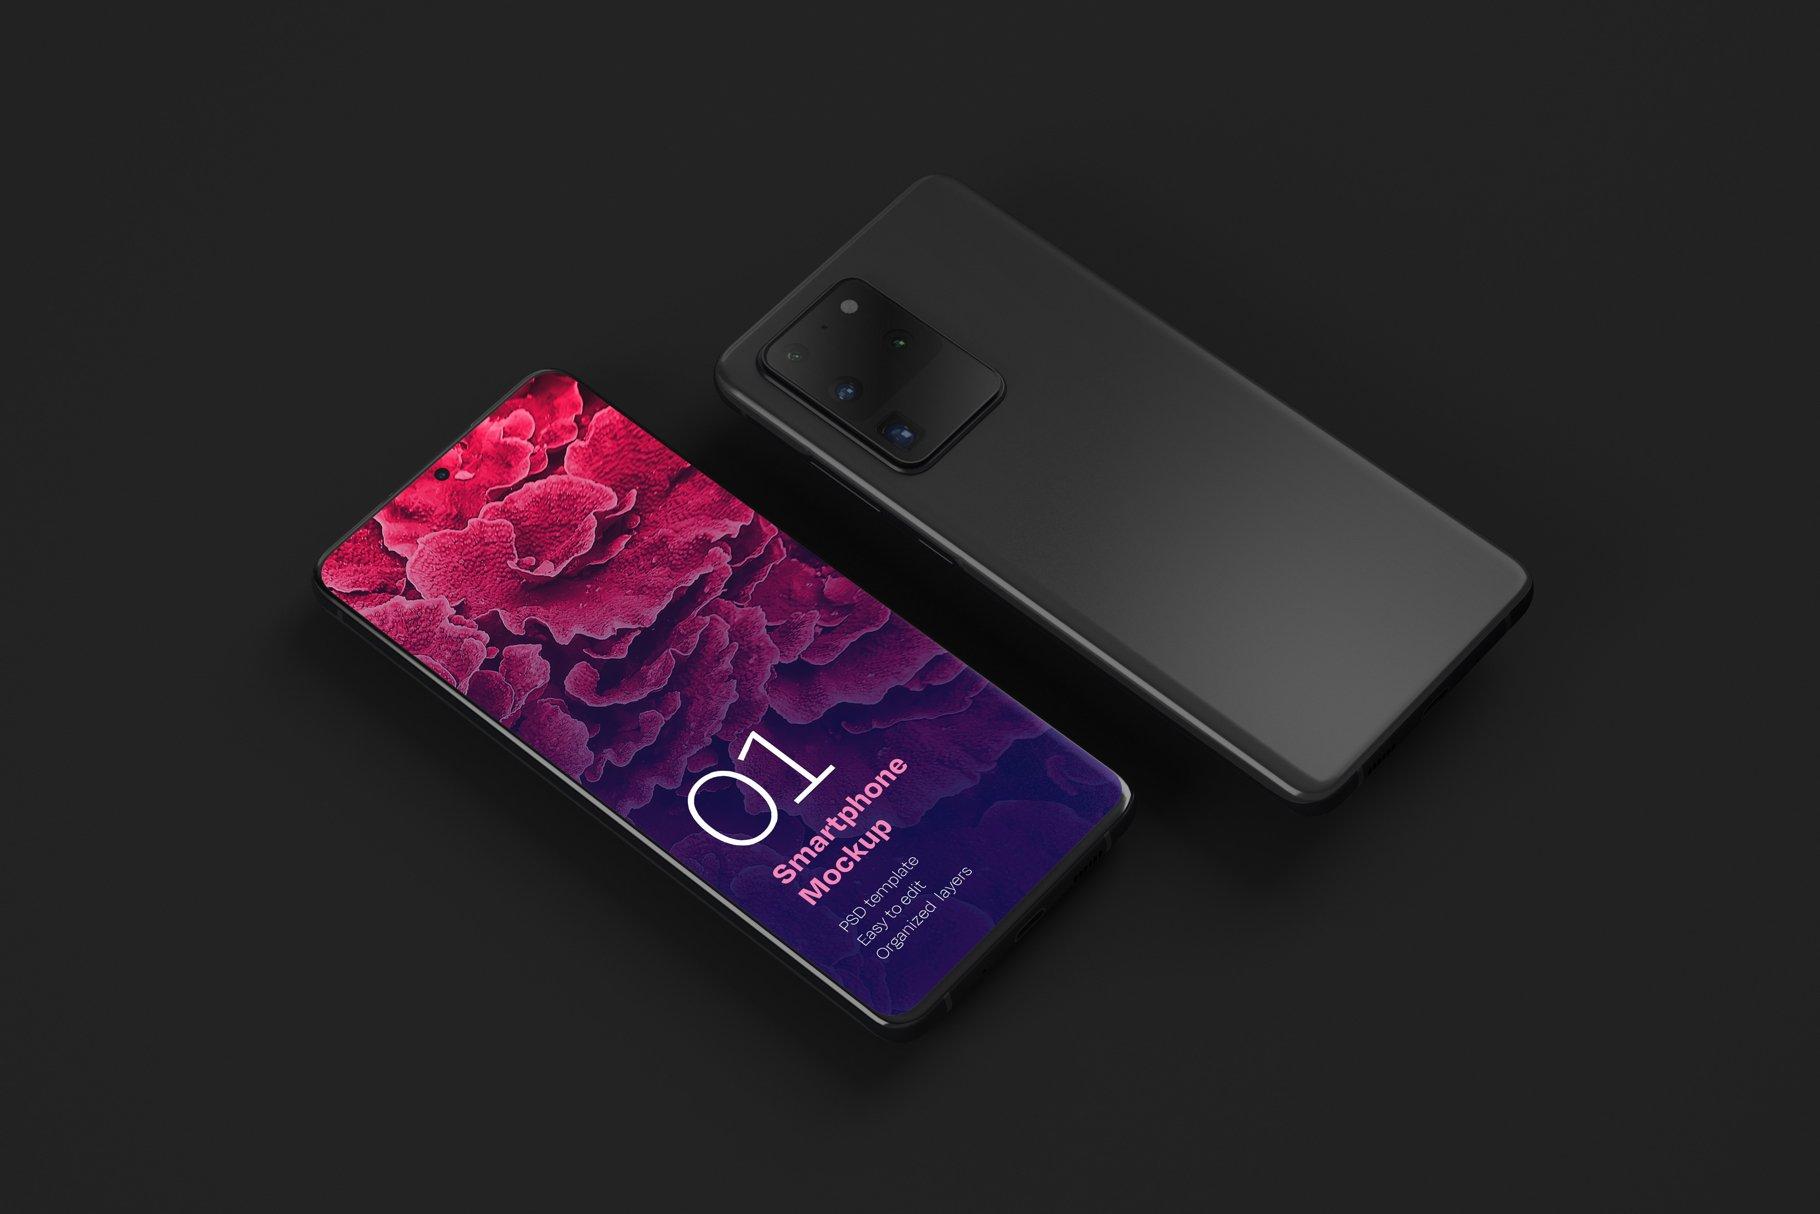 16款应用APP设计三星Galaxy S20手机屏幕演示样机 Galaxy S20 Ultra Device Mockup插图(9)